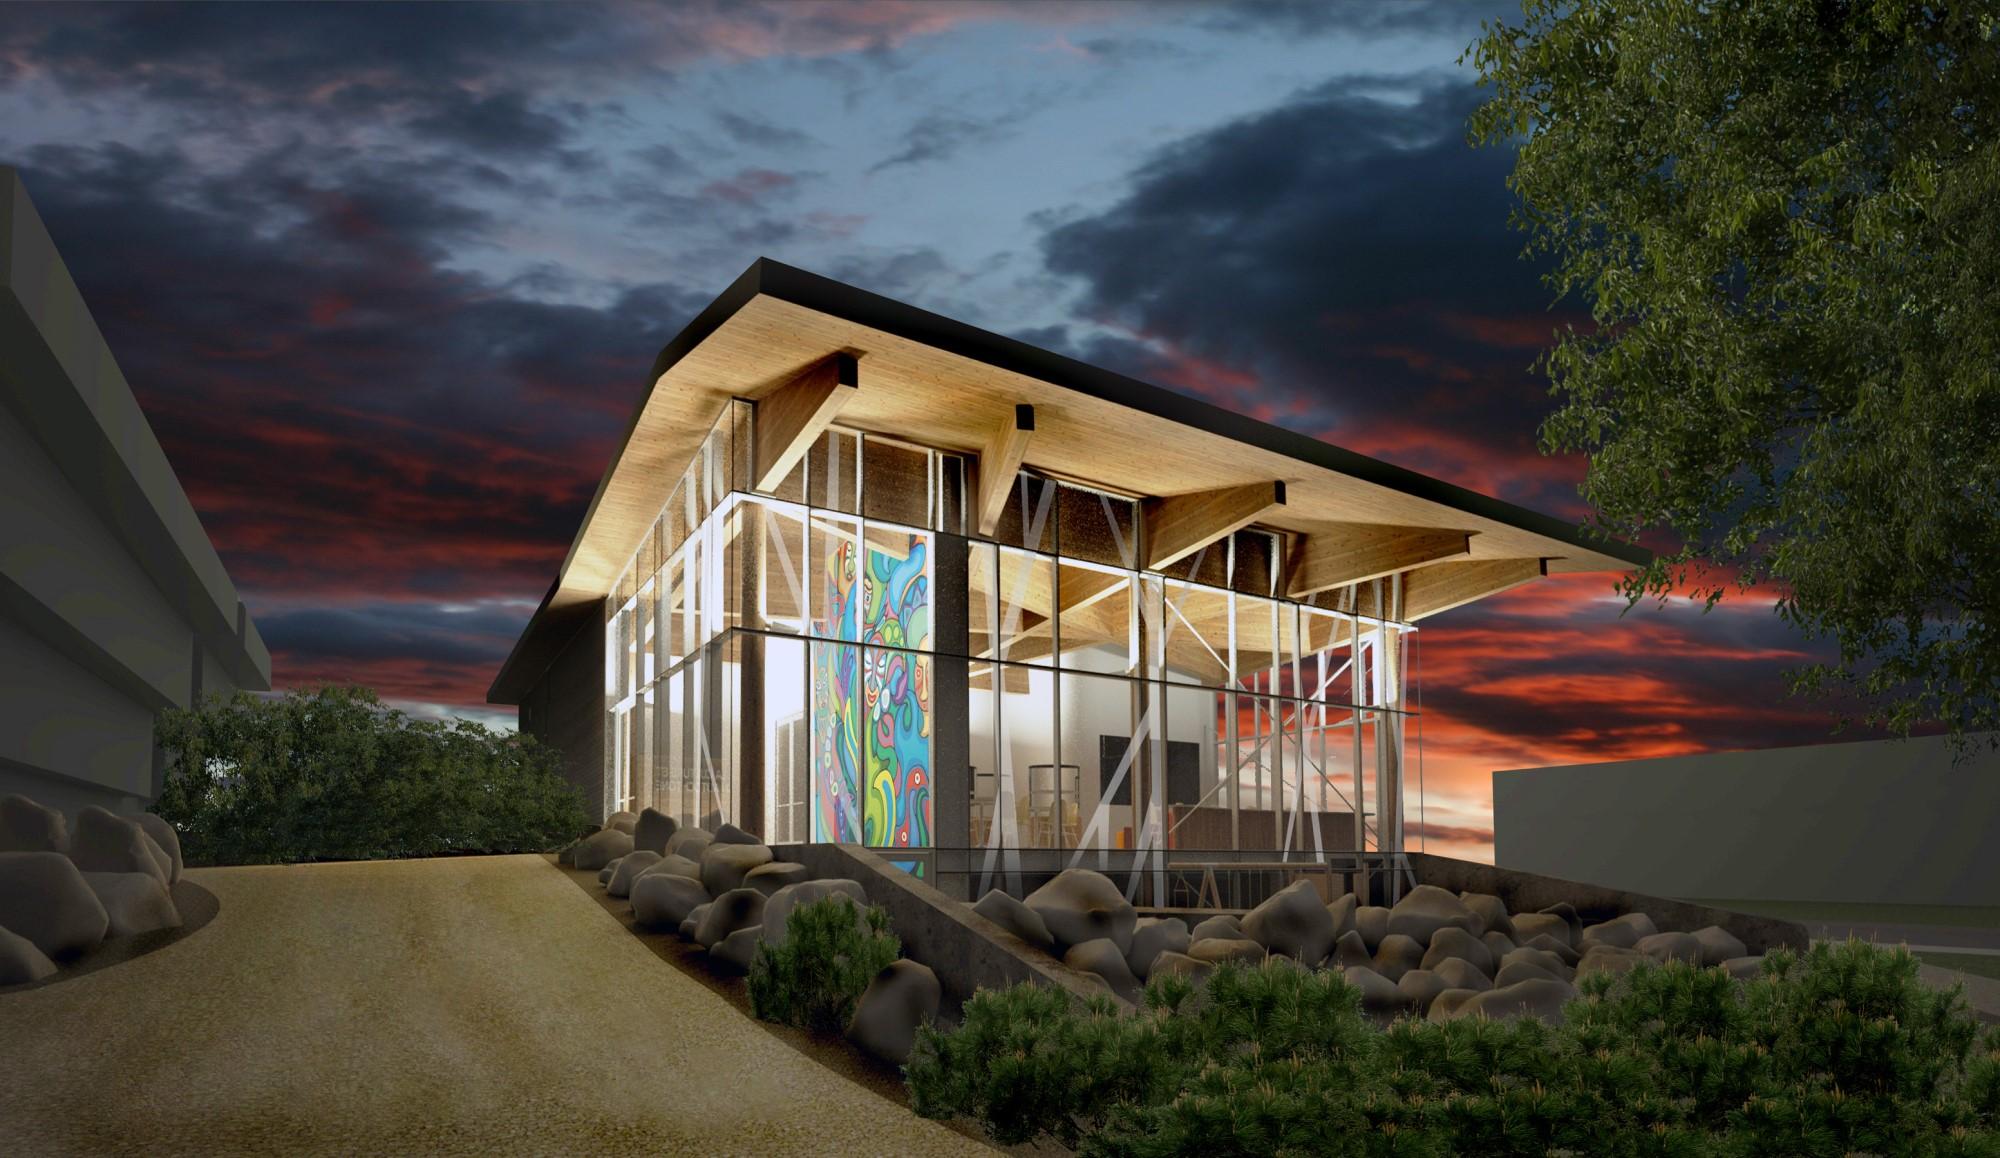 Construction en bois : Pavillon culture autochtone UQAC (Saguenay) - Alliance Forêt Boréale